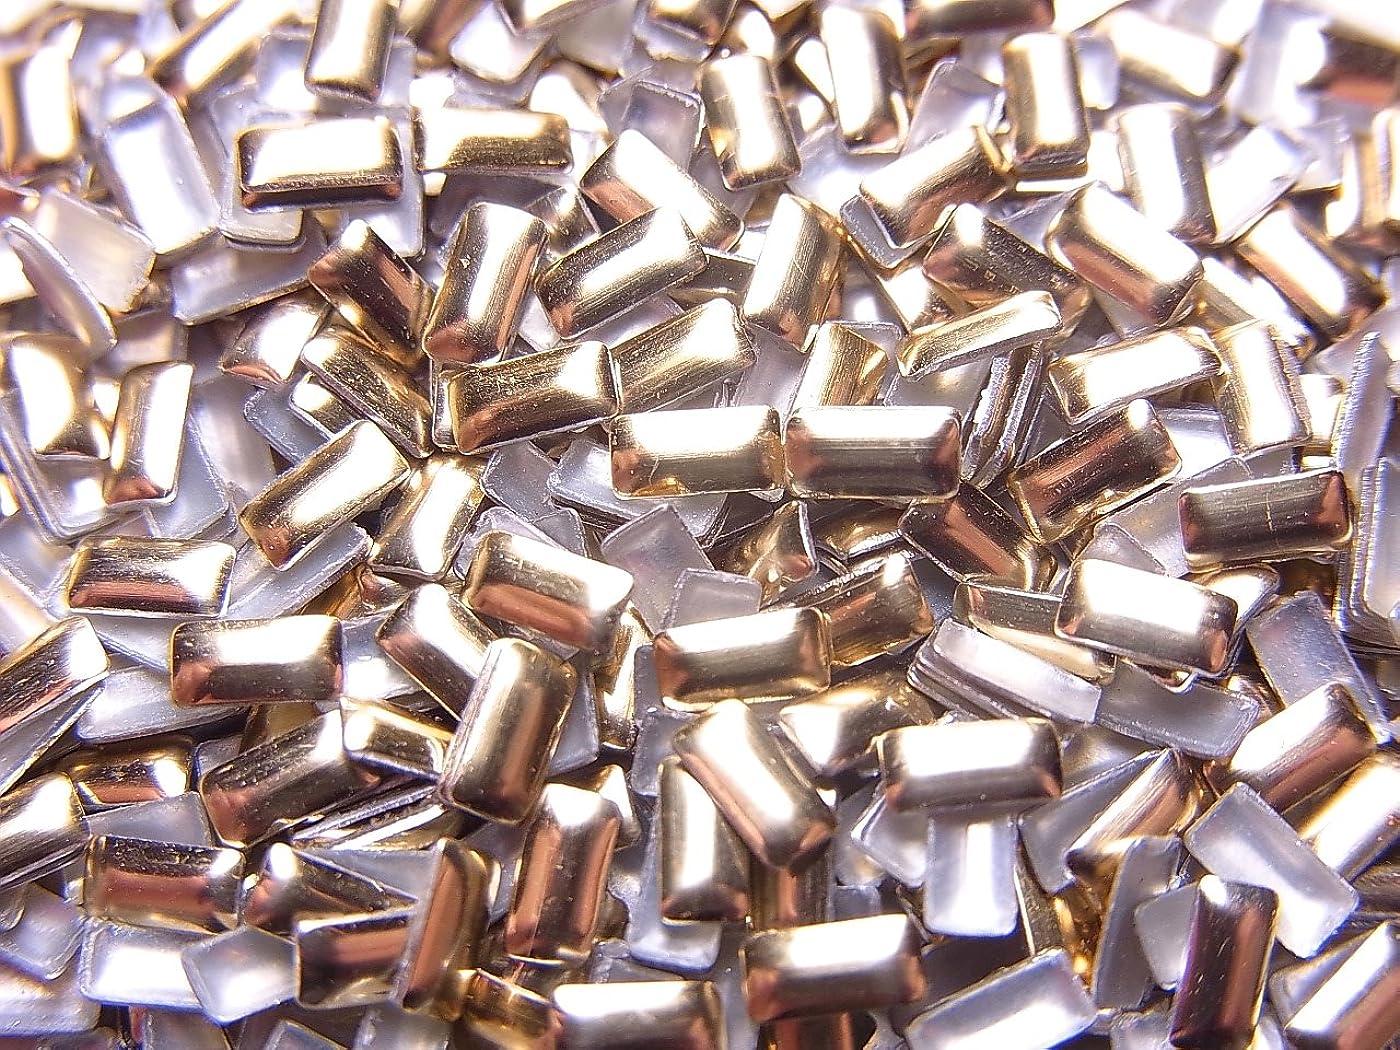 大洪水硬さペリスコープ【jewel】レクタングル型(長方形)メタルスタッズ 4mm ゴールド 100粒入り